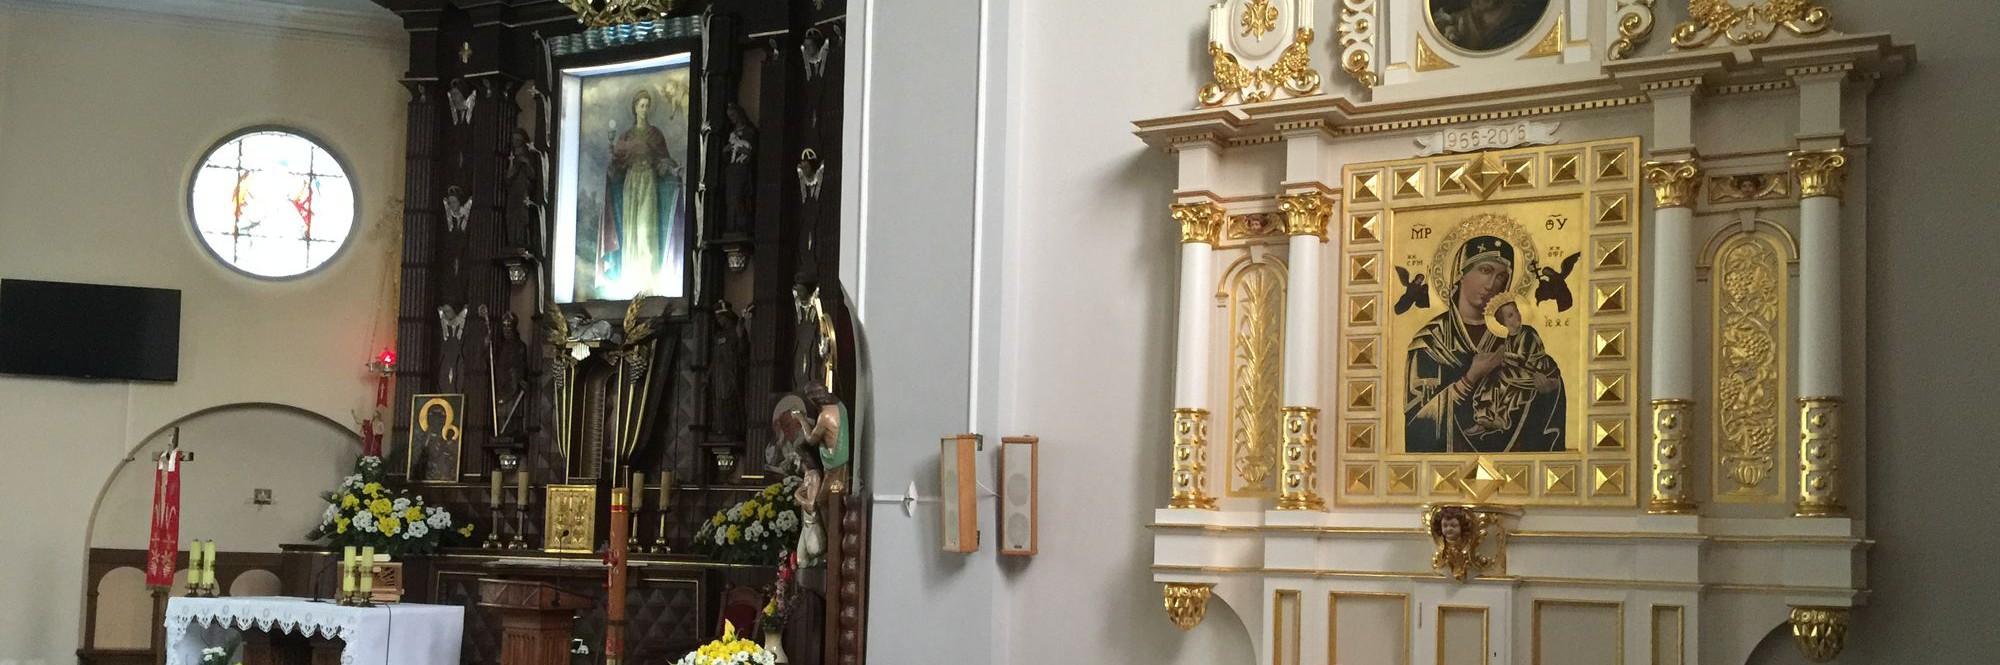 Ołtarz znowu w kościele